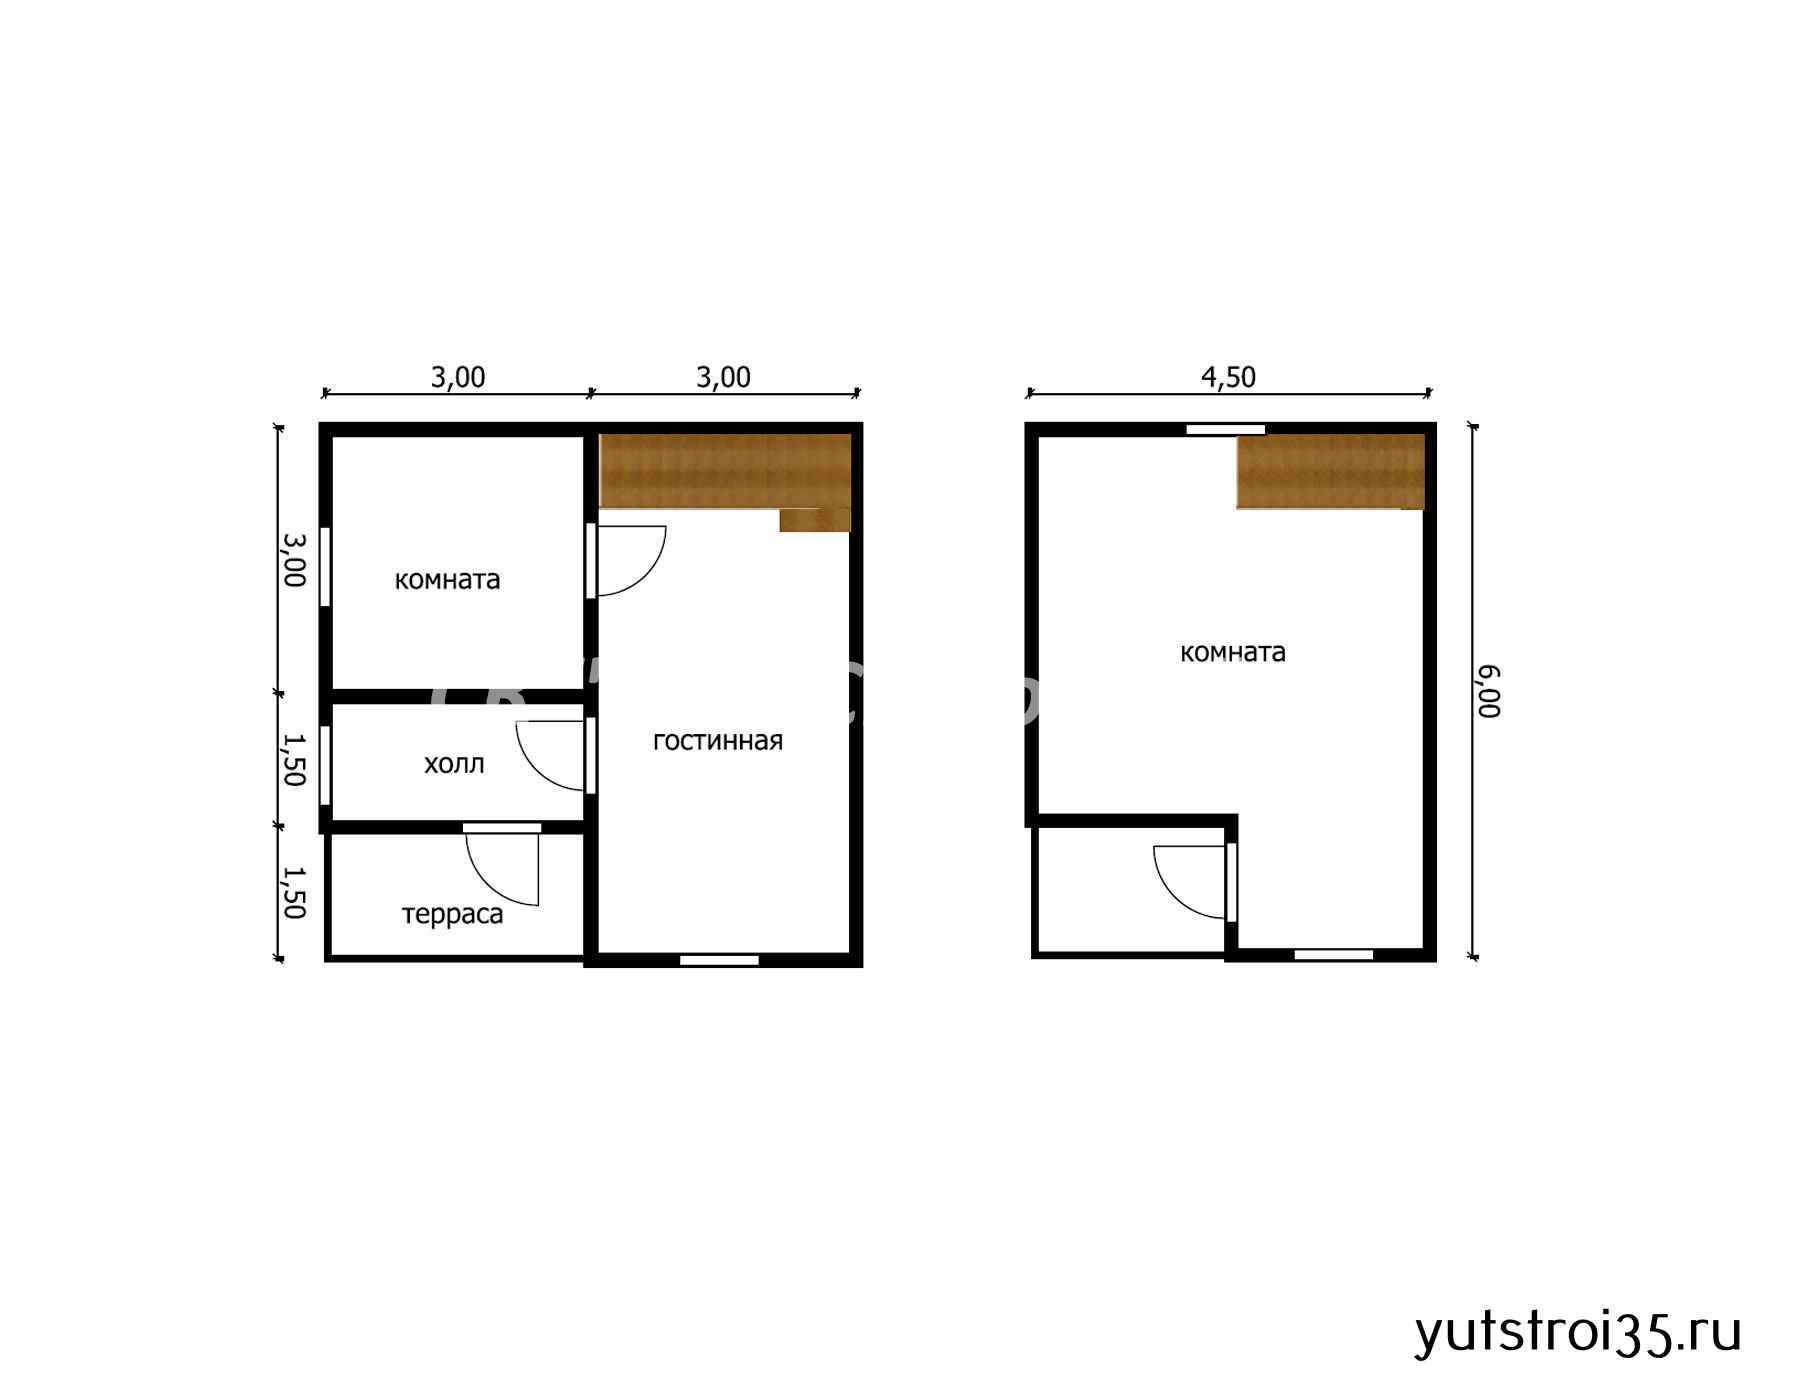 Каркасный дом 6х6 м под ключ К3